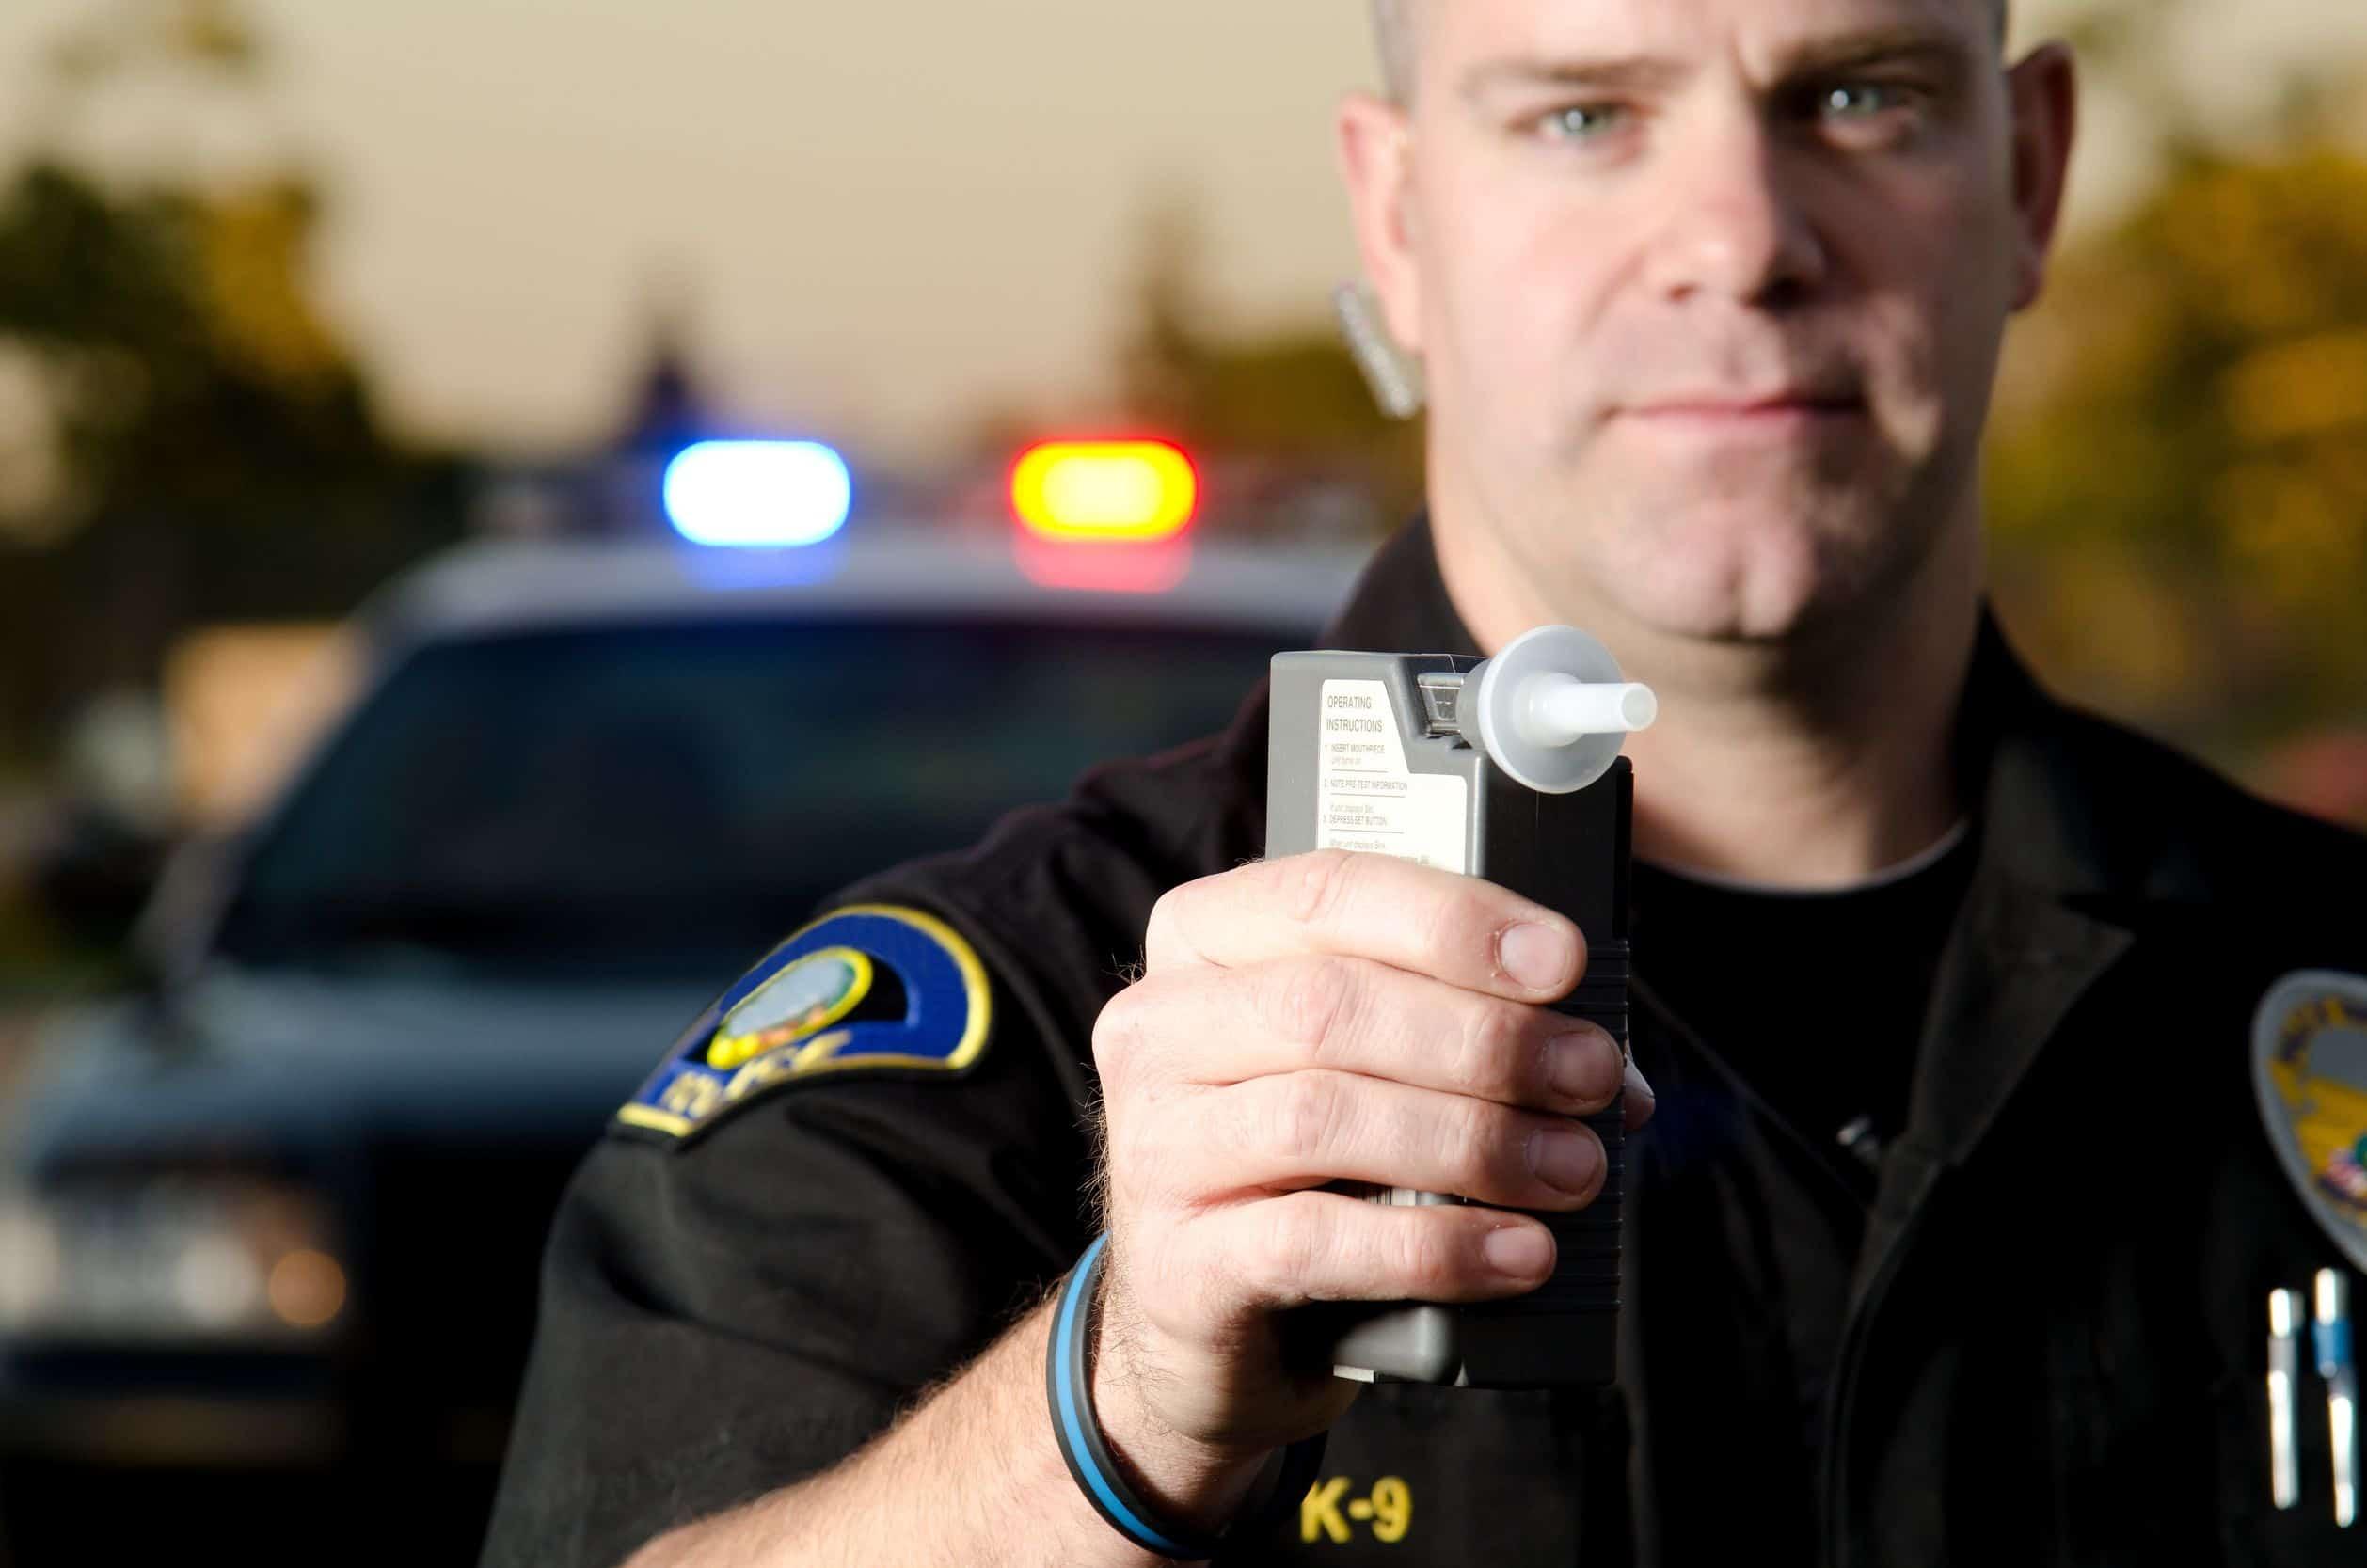 Bafômetro: equipamento não aferido pode cancelar a multa?